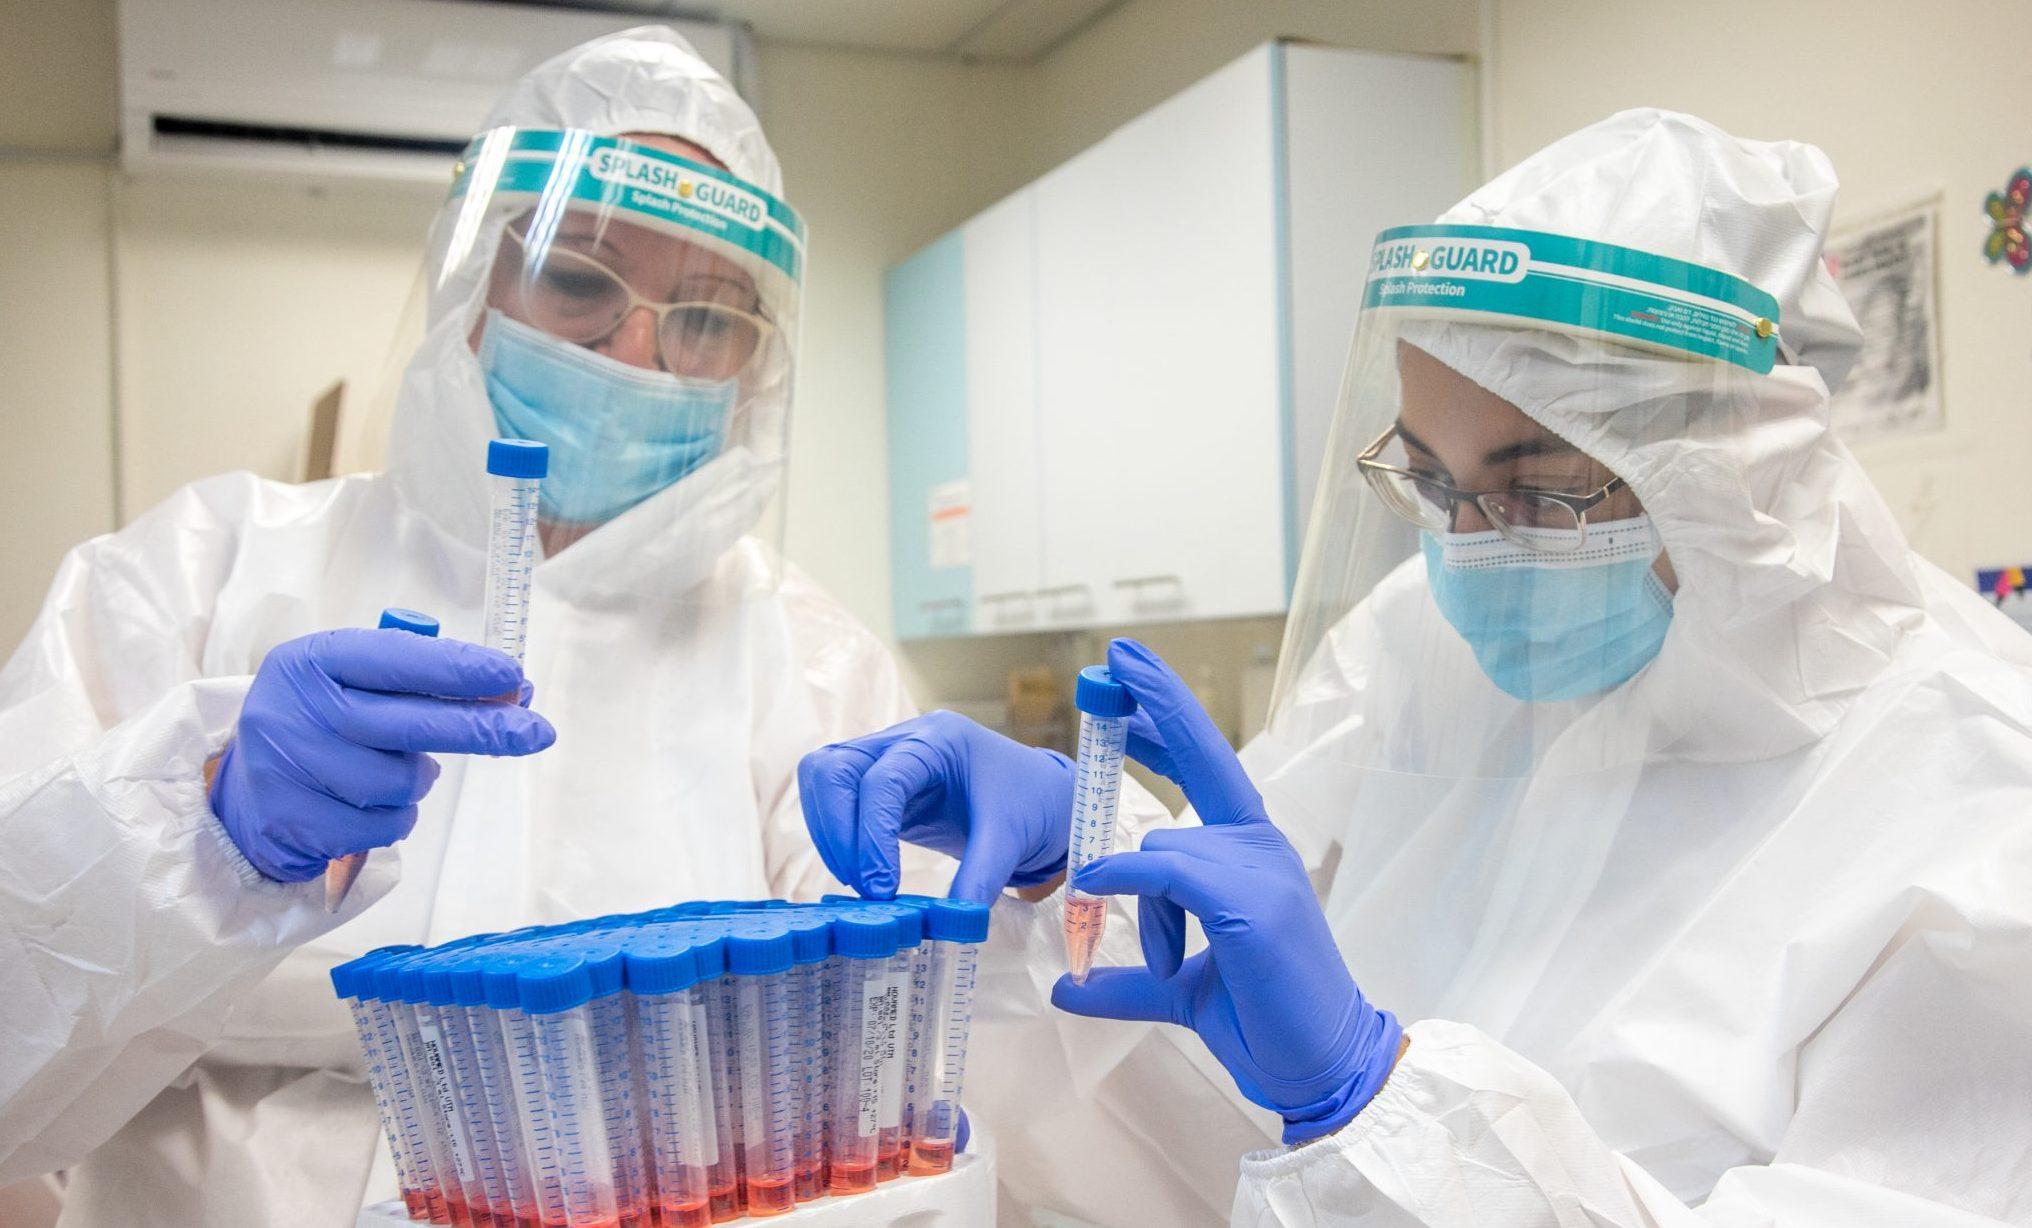 משרד הבריאות: 3,426 אובחנו בקורונה ביממה האחרונה